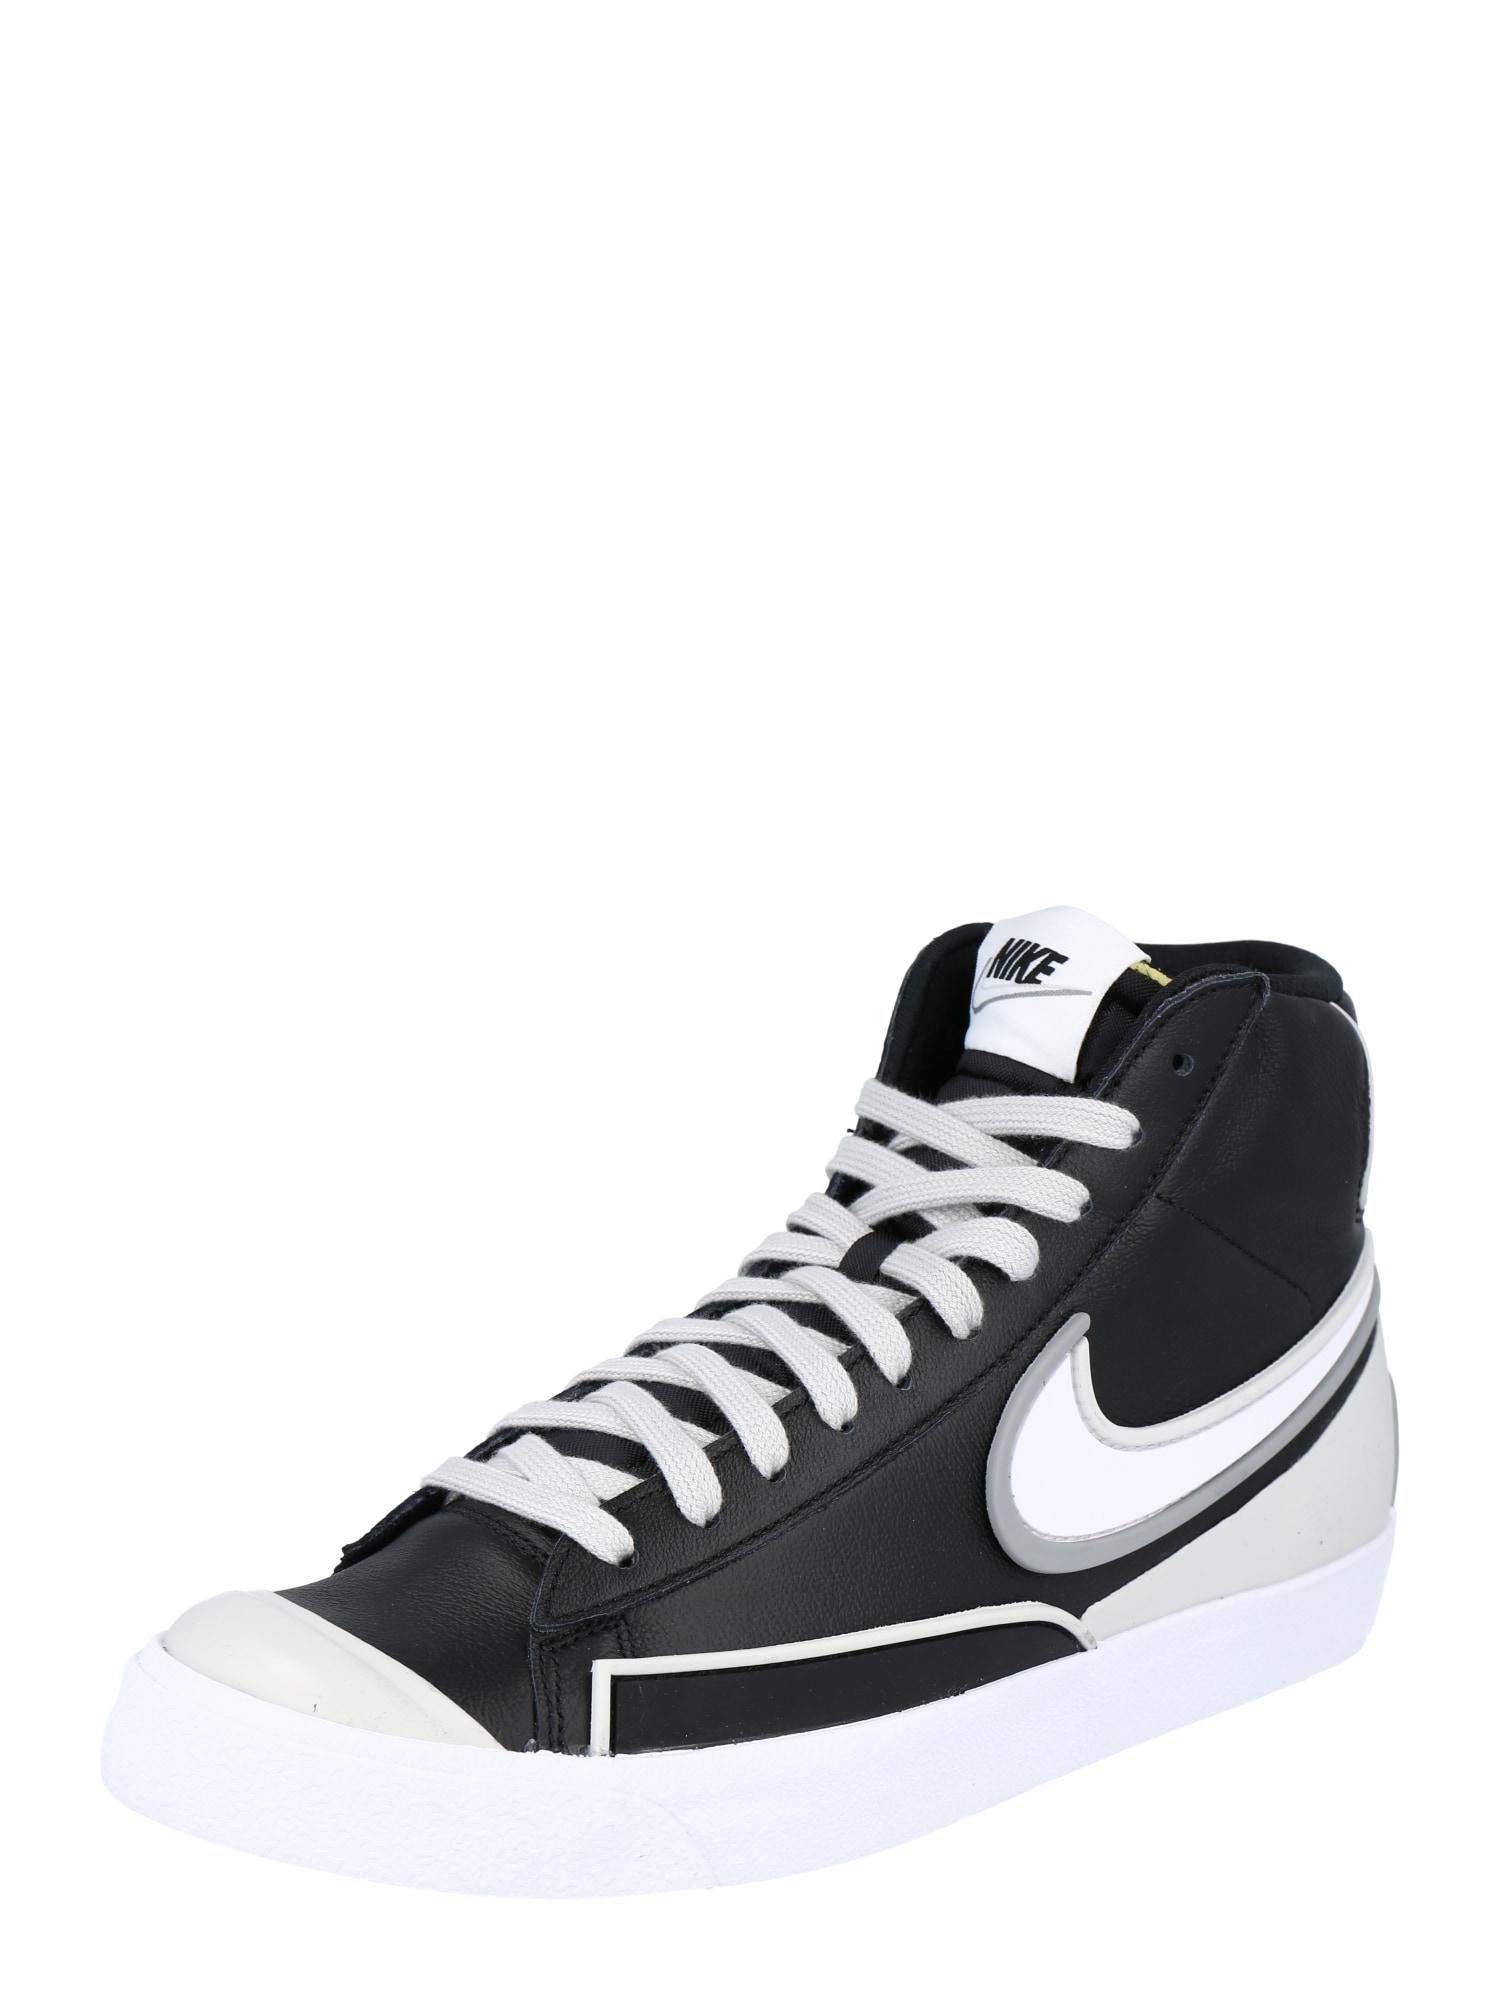 Nike Sportswear Sportbačiai su auliuku '77 Infinite' balta / juoda